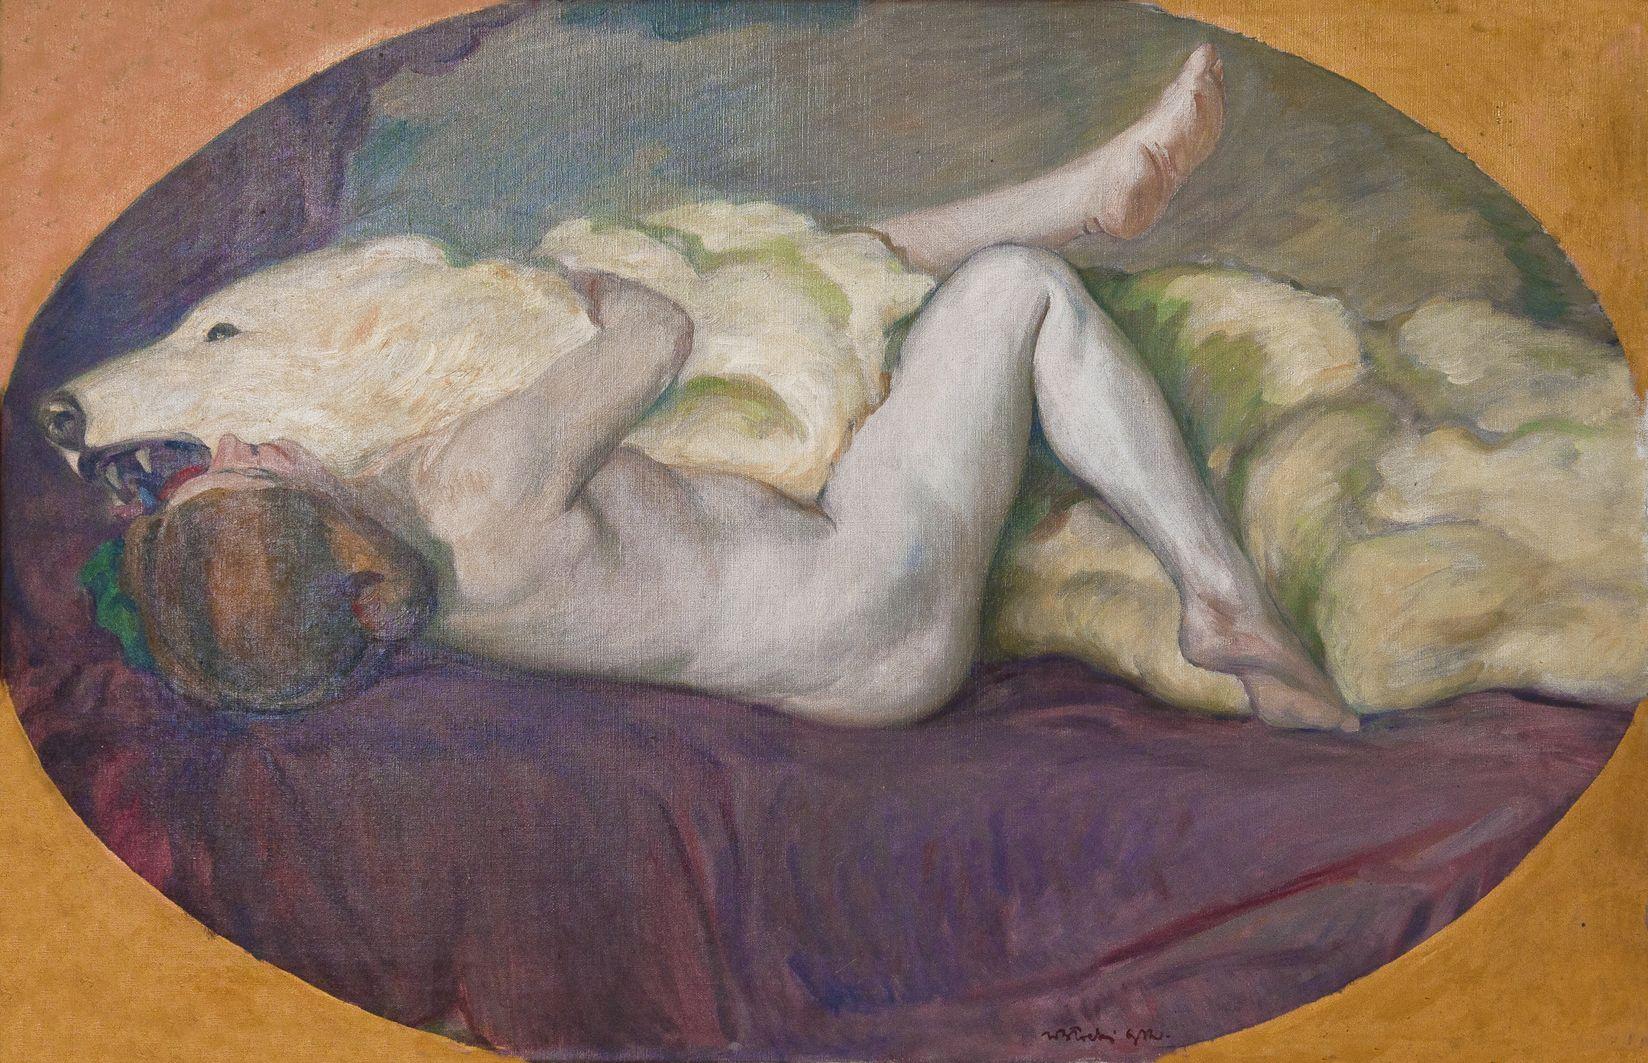 Володимир Блоцький. Пестощі, 1912; ЛНГМ